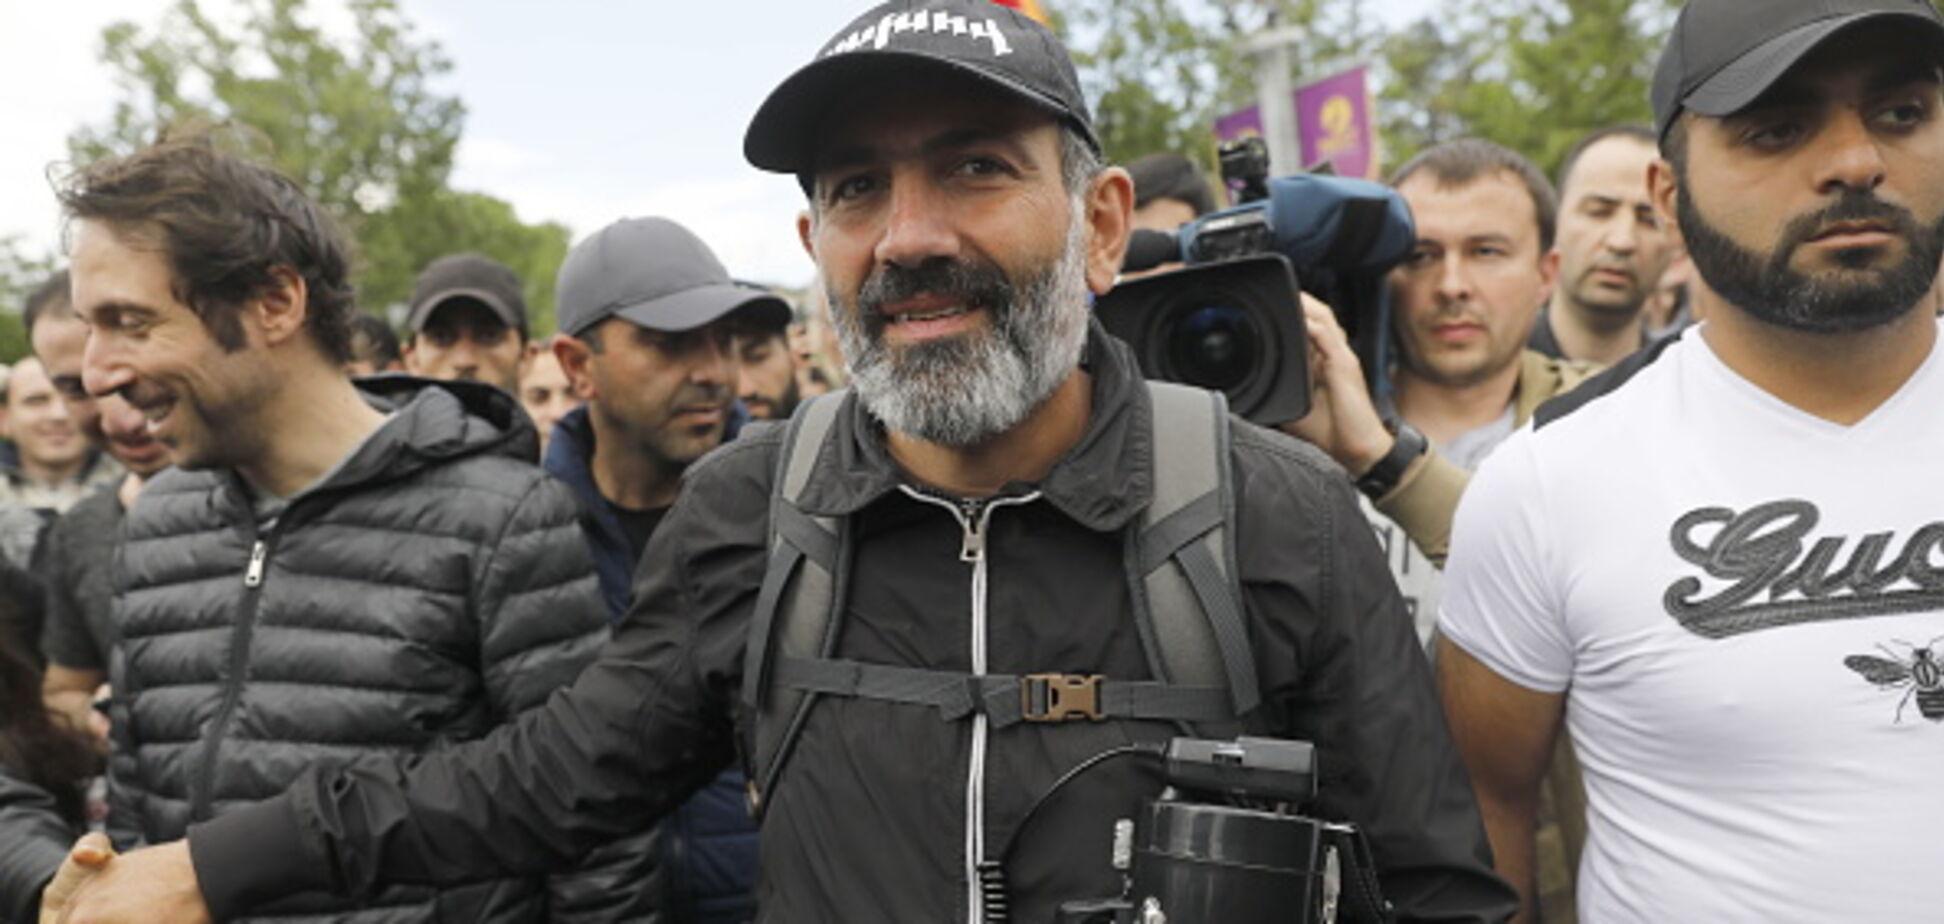 Майдан у Вірменії: лідер протестів зустрівся з посланцями Кремля